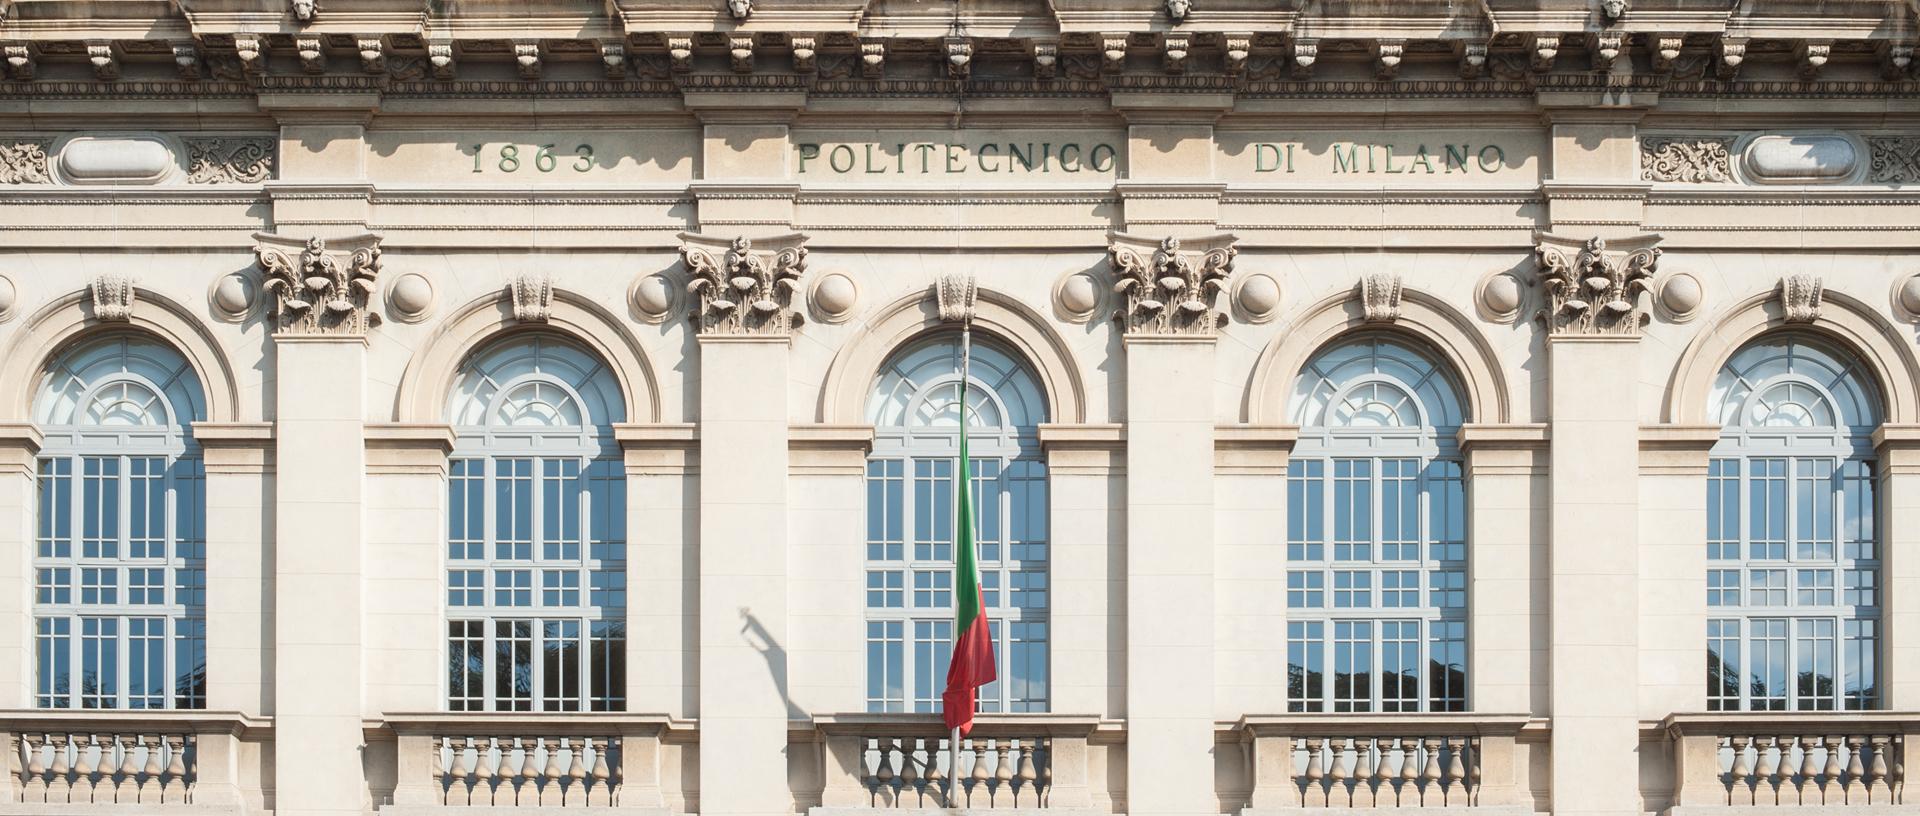 Politecnico Di Milano Home